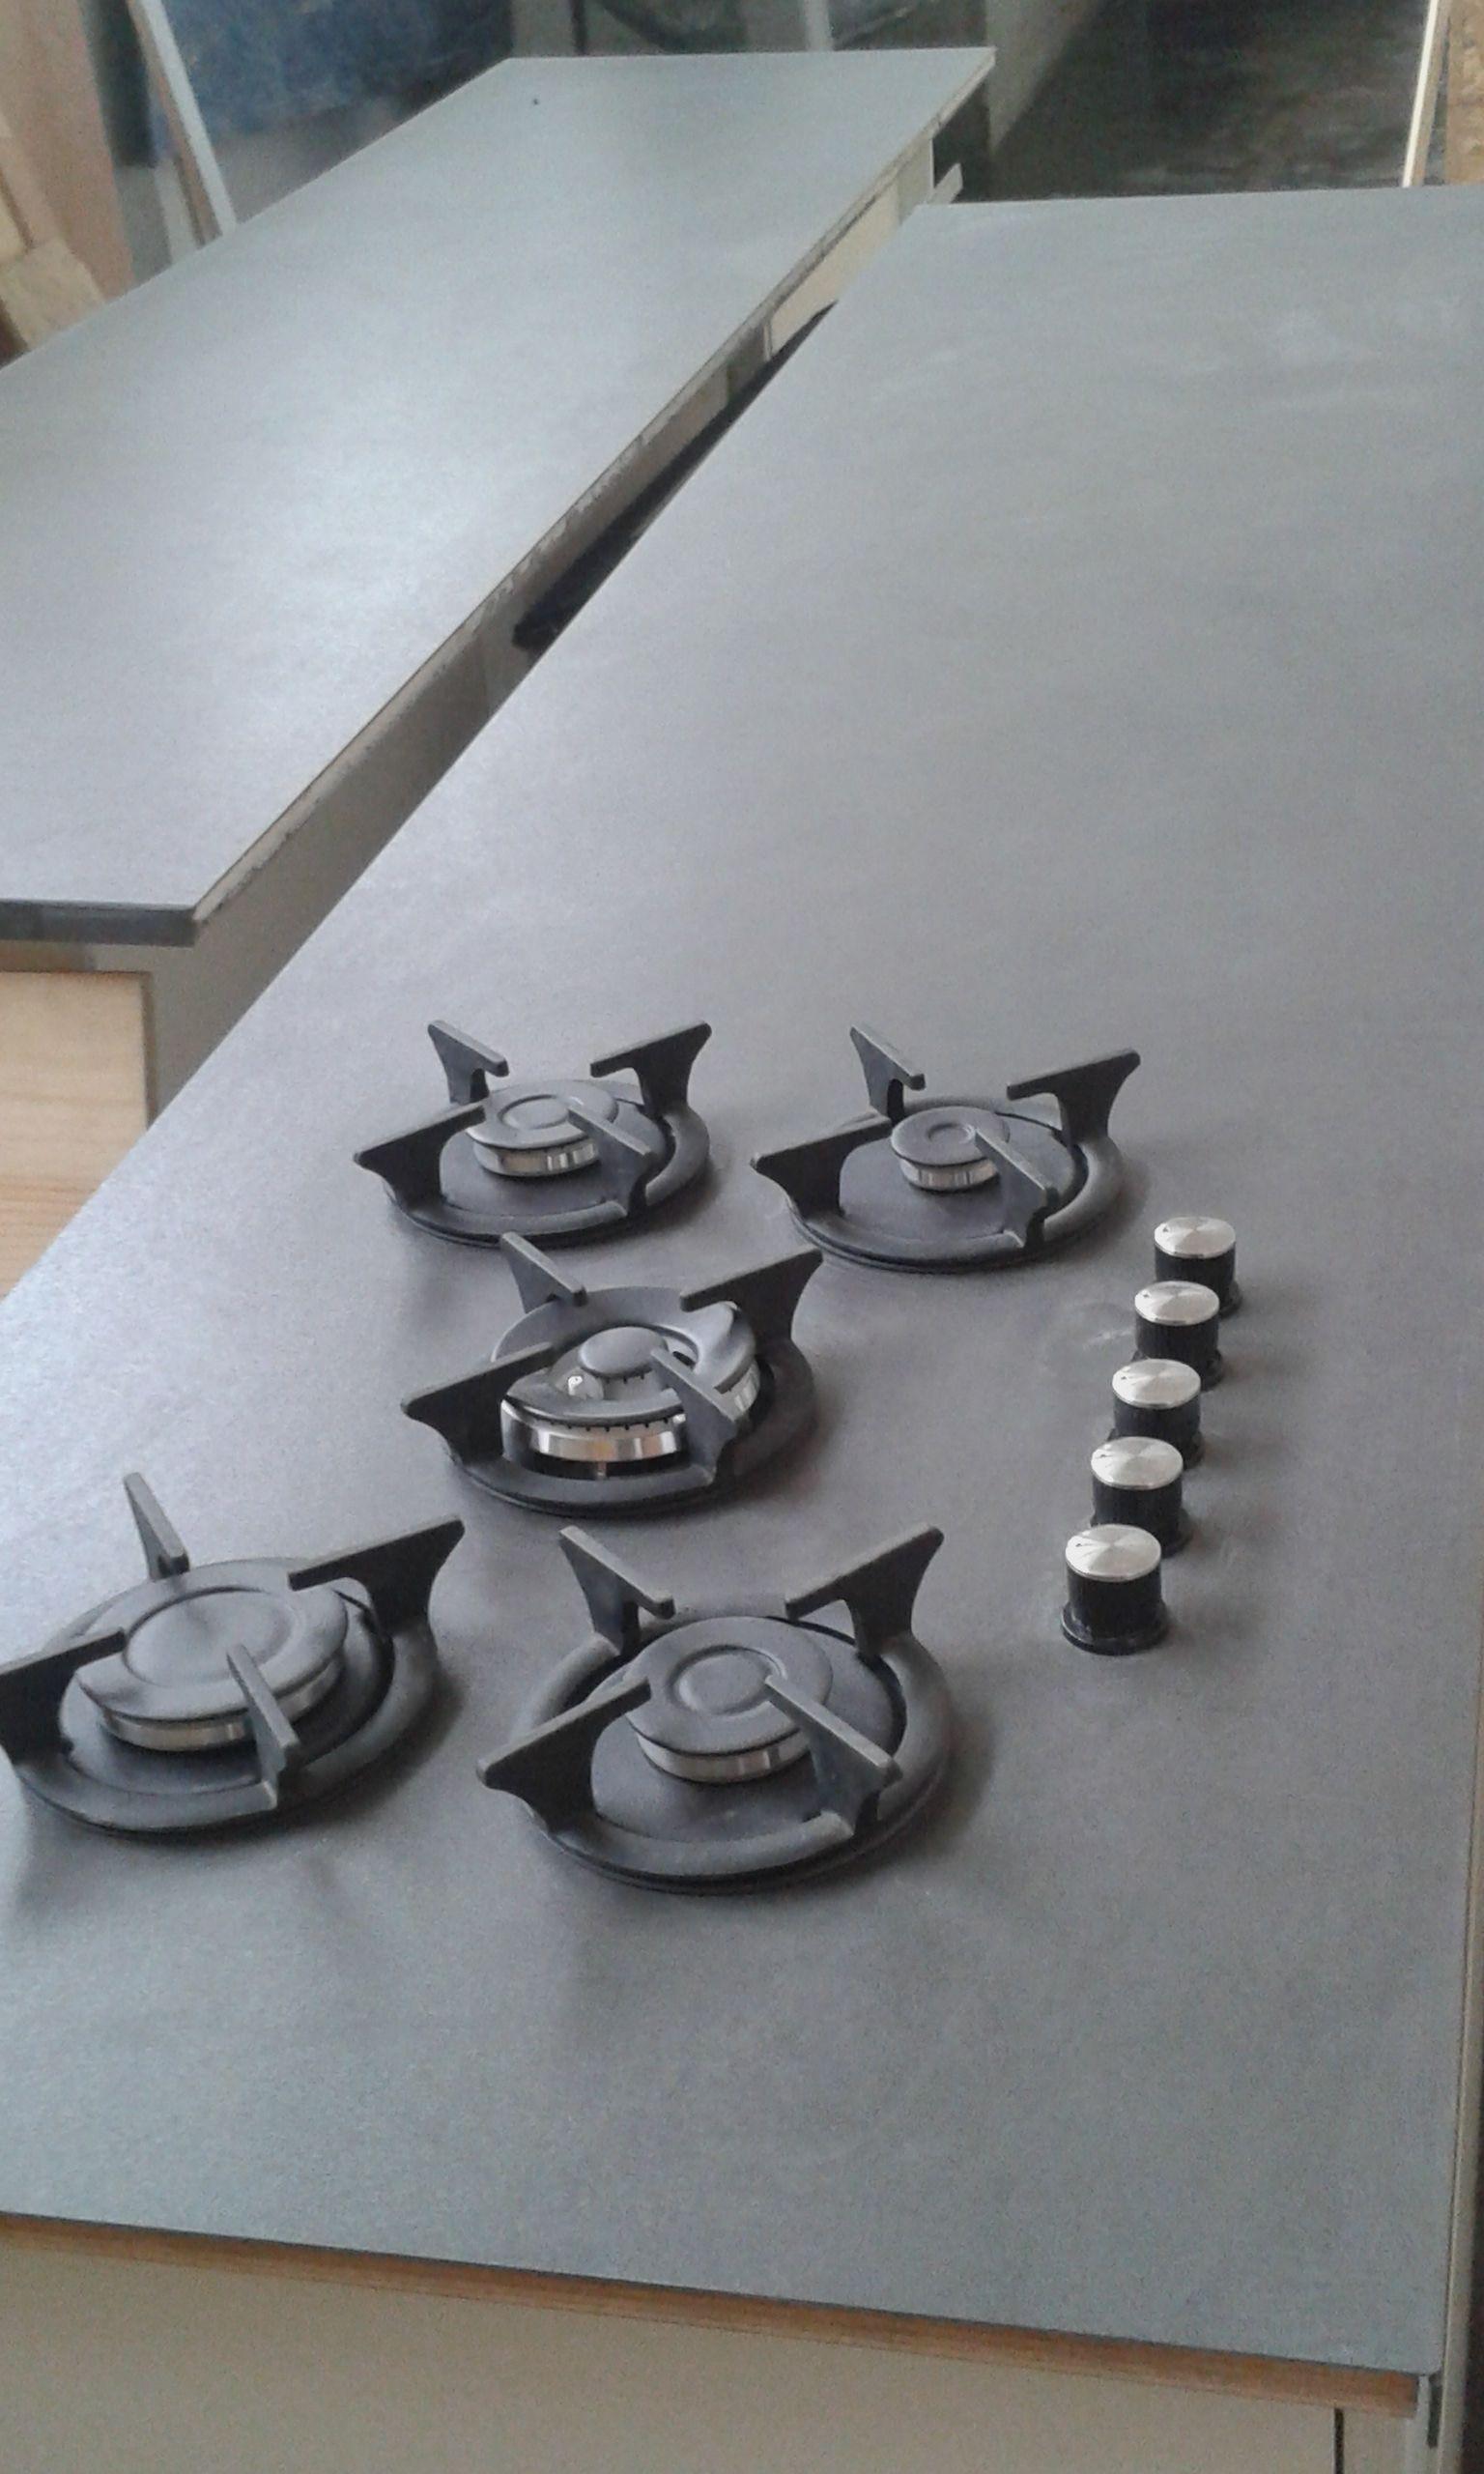 Piano cottura integrato nel top in kerlite kerlite design cucina kitchens - Piano cucina kerlite ...